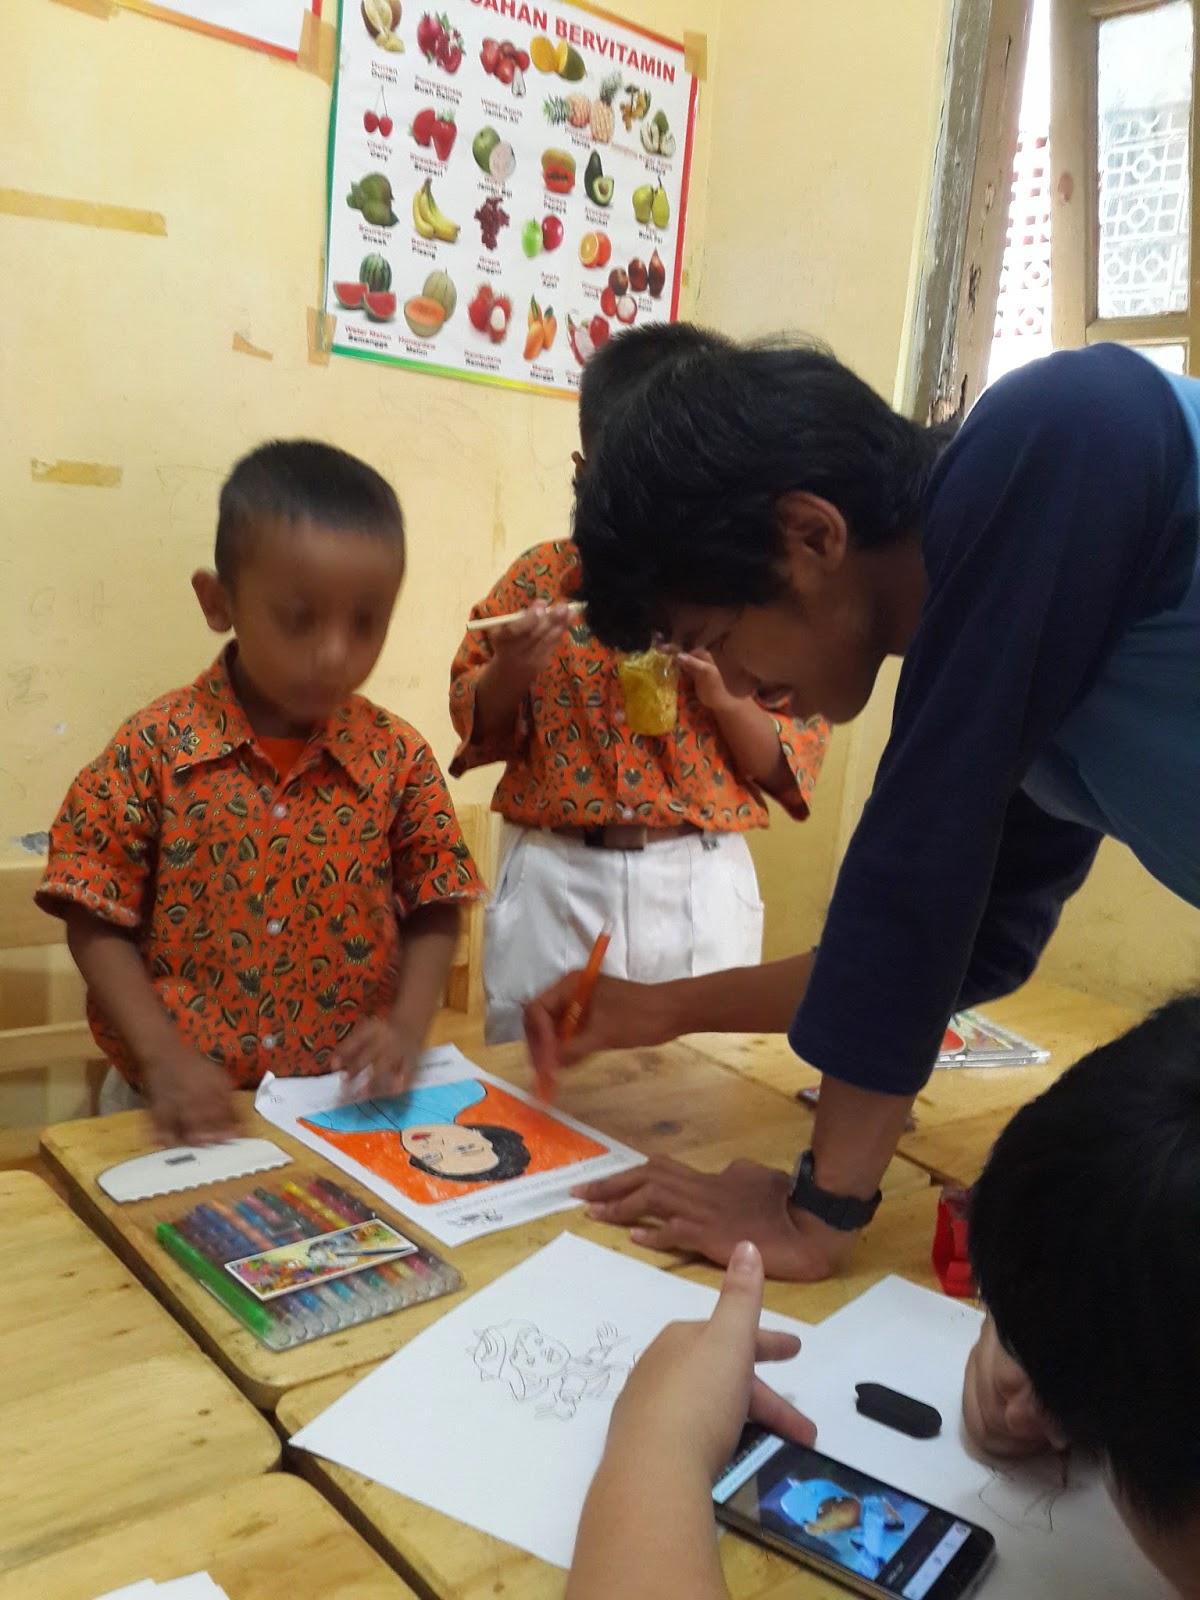 Disini anak anak diberitahukan bahwa hari ini kita akan mewarnai gambar ibu R A Kartini mereka terlihat sangat antusias sekali